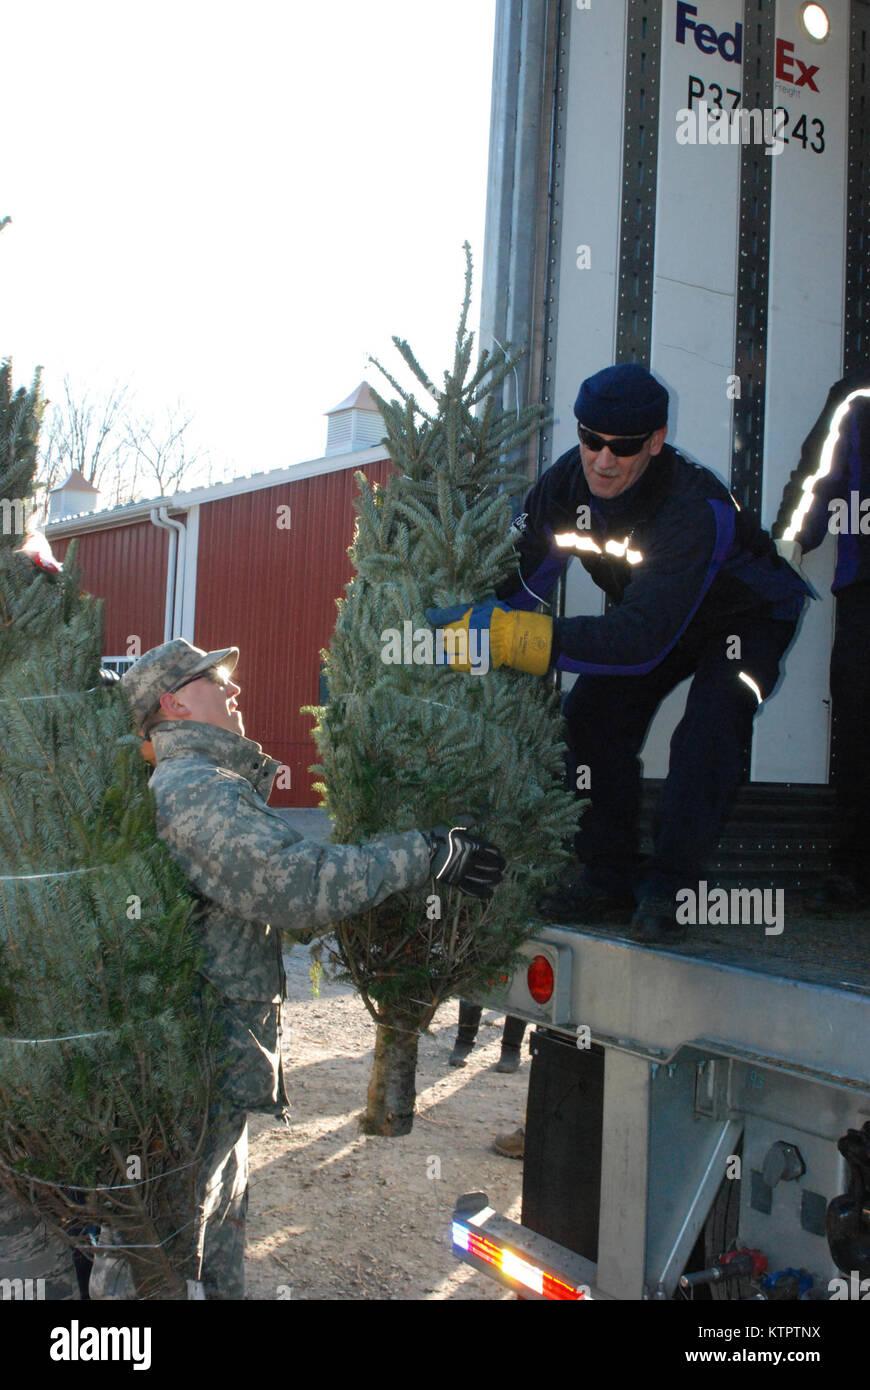 FedEx Fahrer Don Pelletier Aufzüge eine gespendete Weihnachtsbaum auf sein Fahrzeug während des Ladens Stockbild